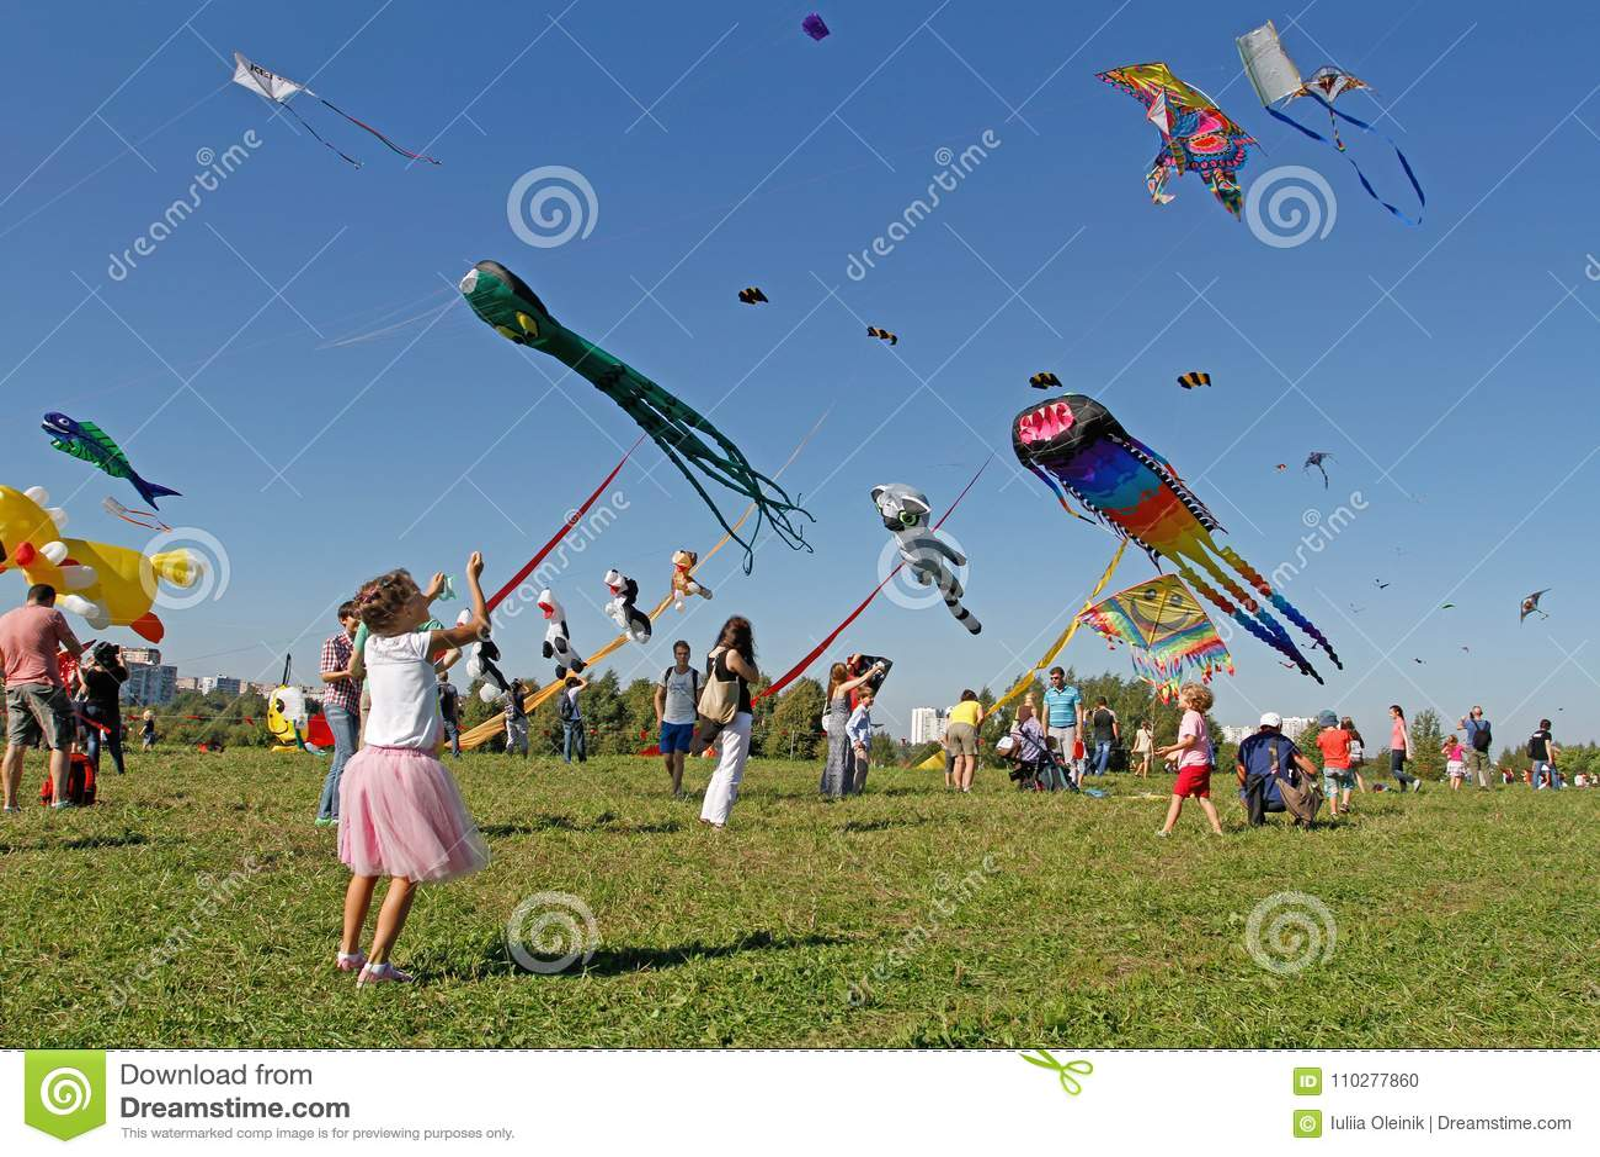 A menina lança um papagaio no céu no festival do papagaio no parque Tsaritsyno em Moscou